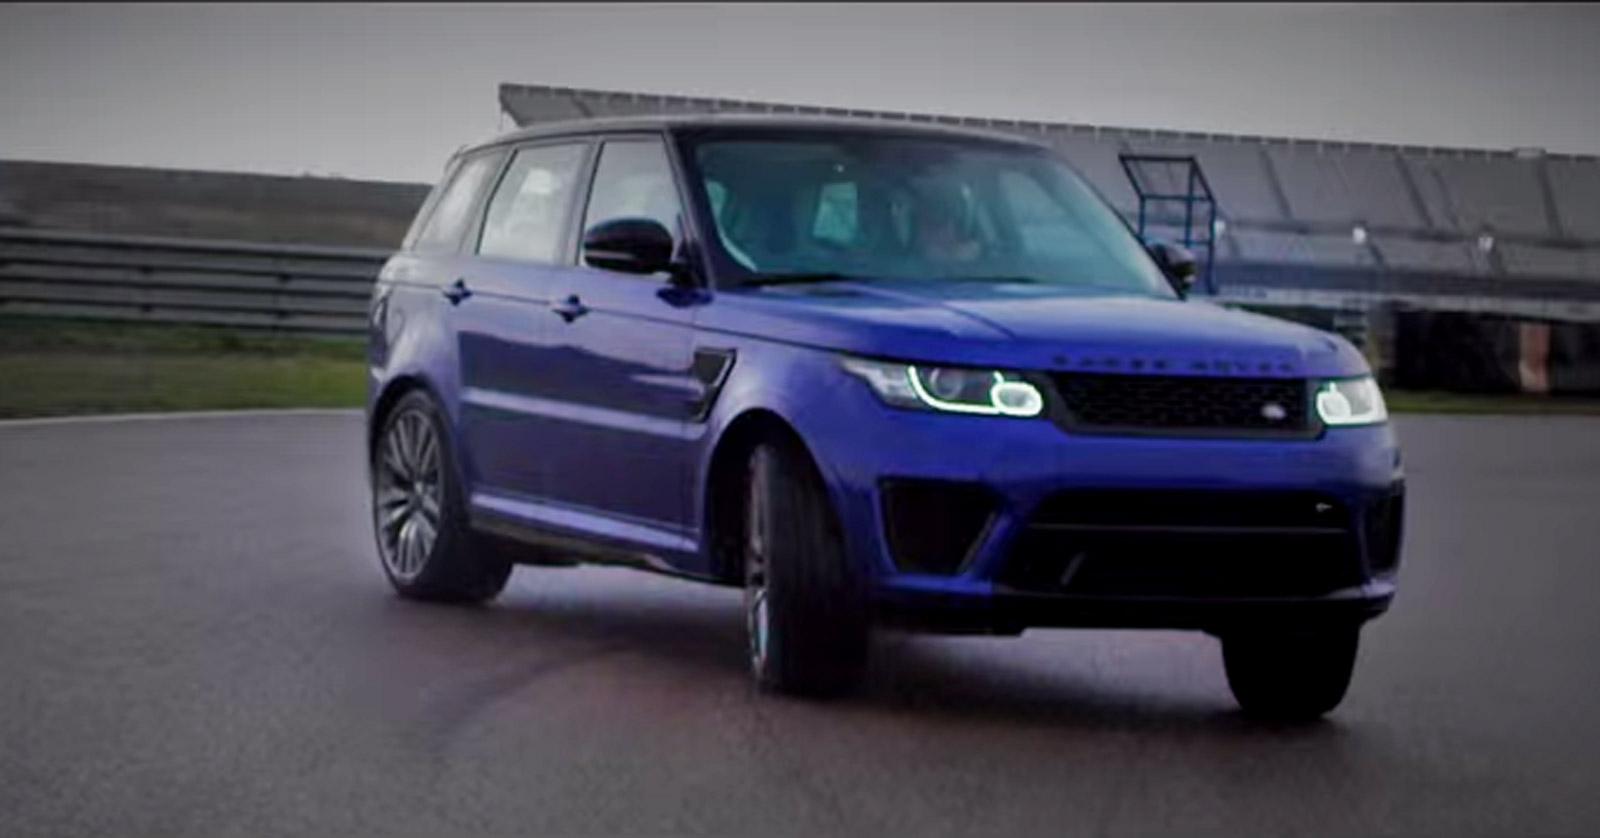 range rover sport svr gets sideways in dynamic driving video. Black Bedroom Furniture Sets. Home Design Ideas